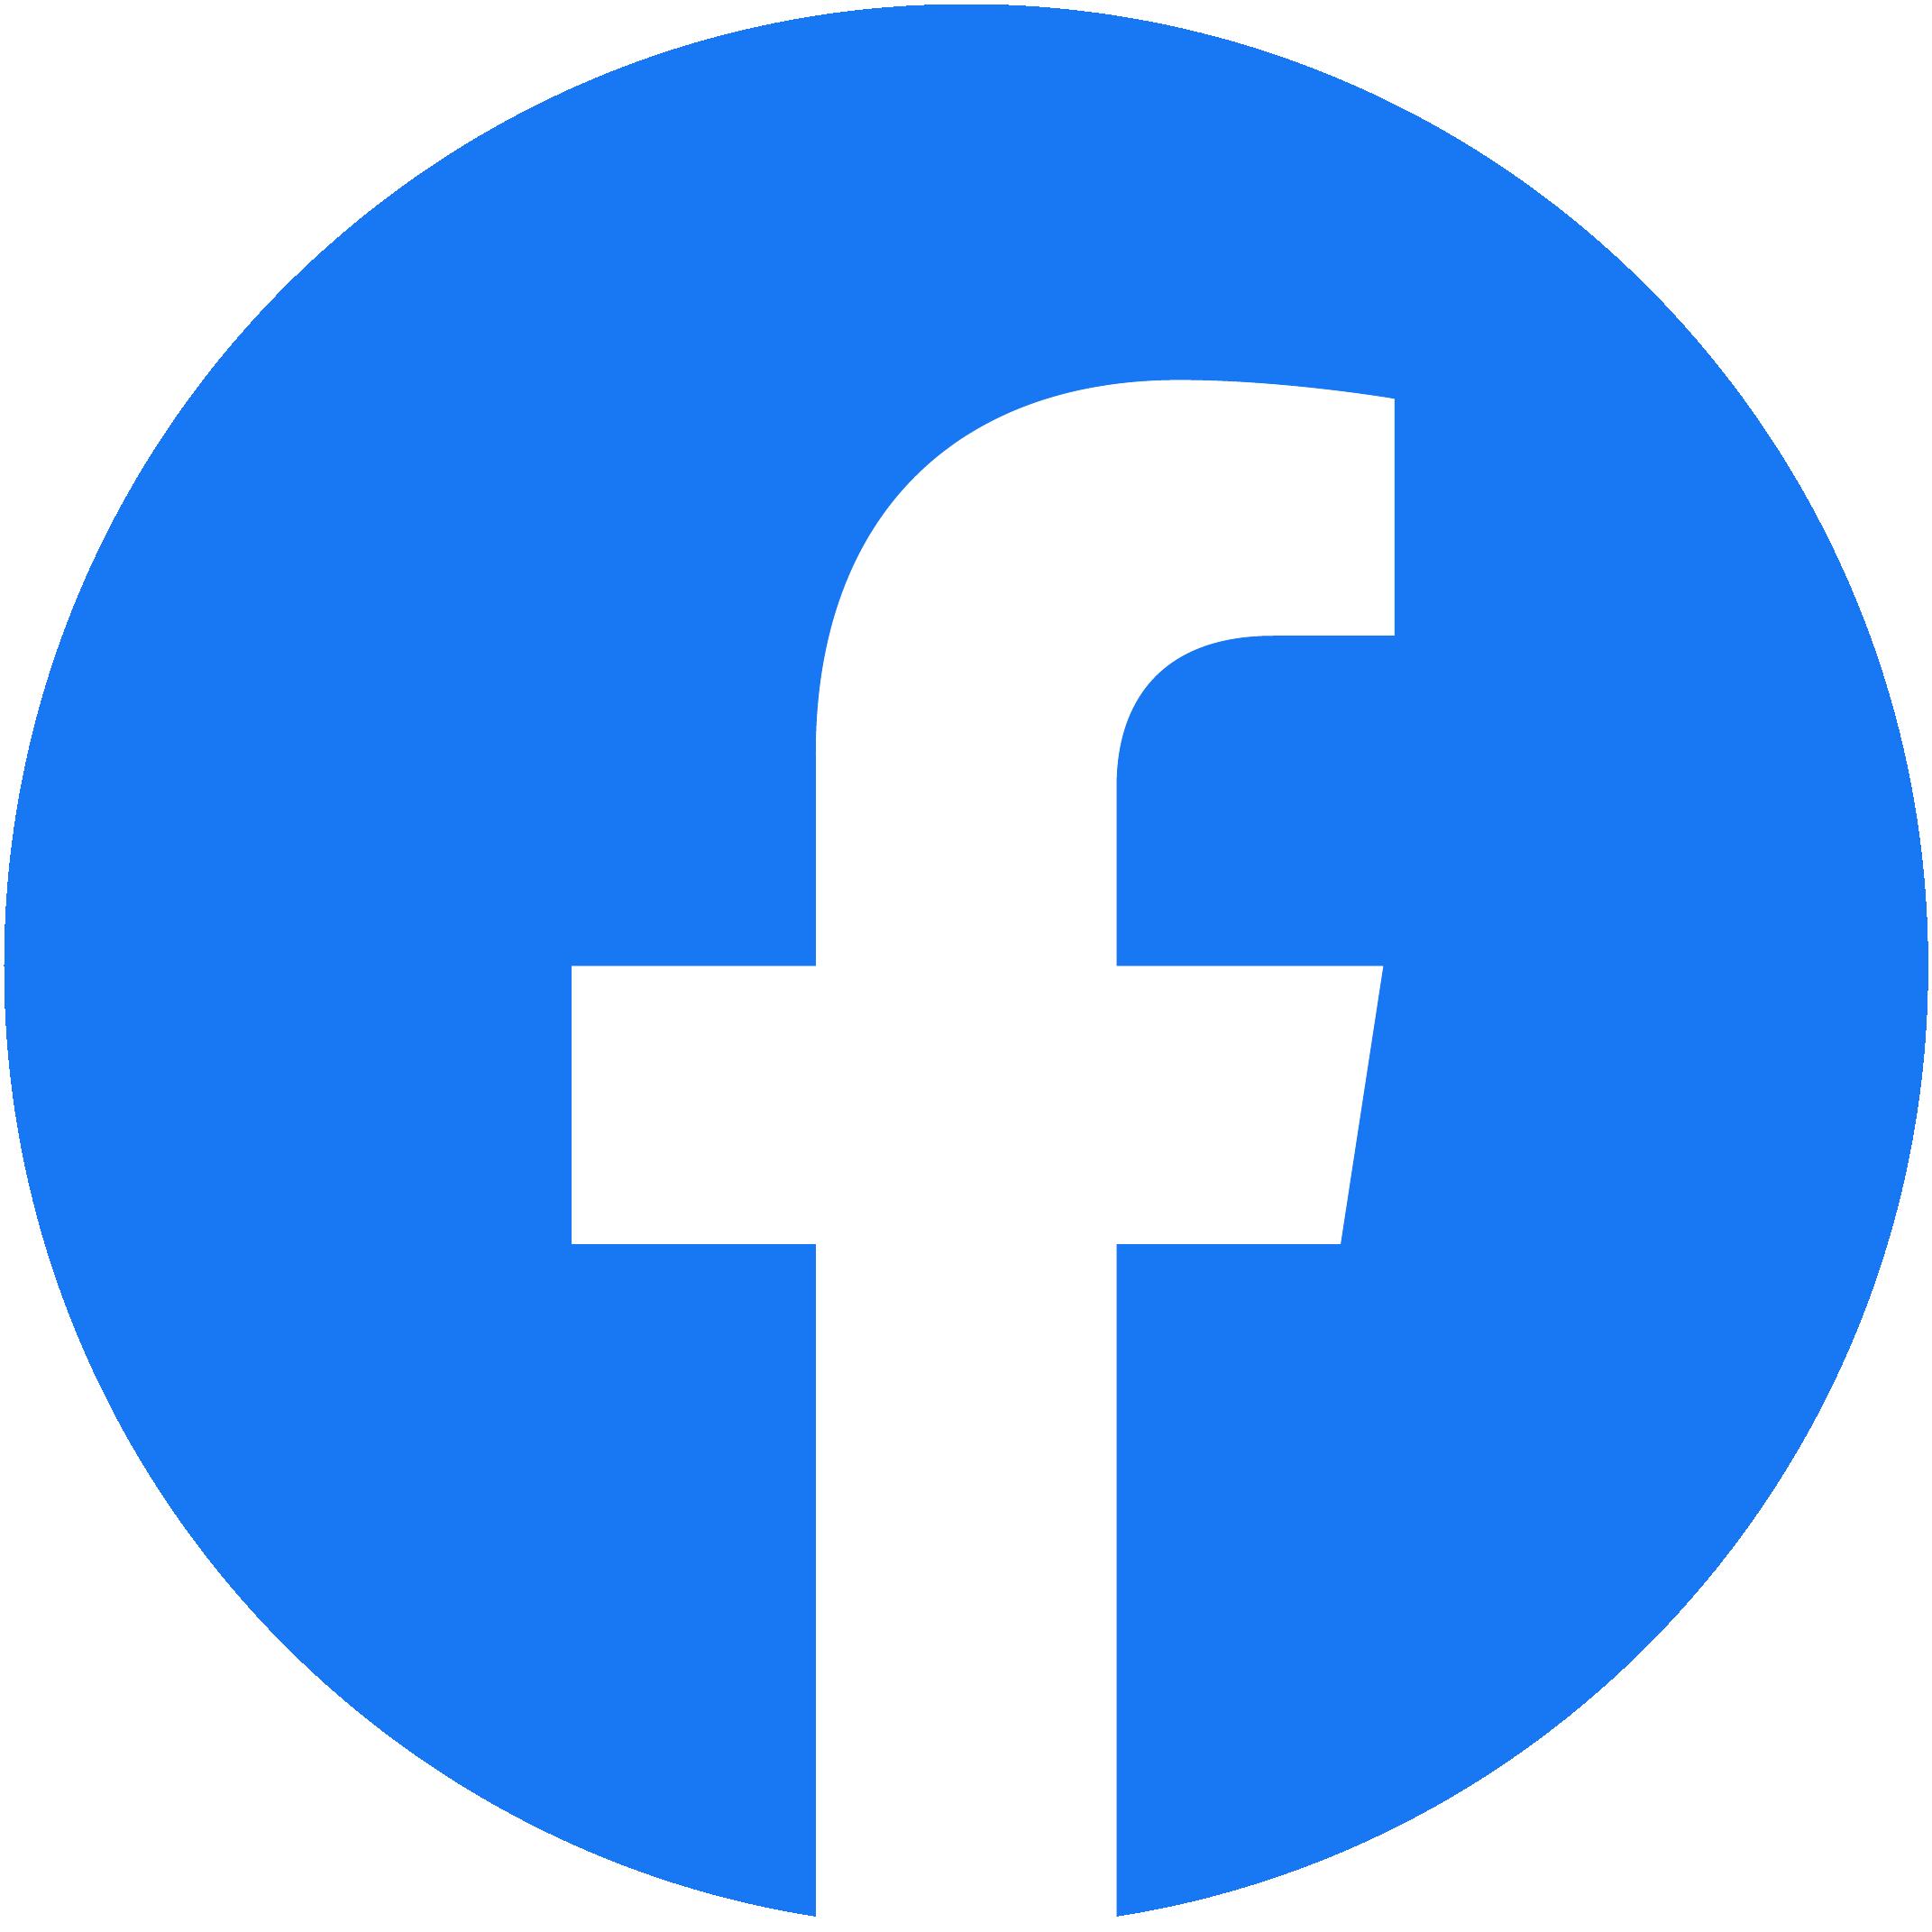 Das sind die Social-Media-Icons die du wirklich nutzen darfst - allfacebook.de